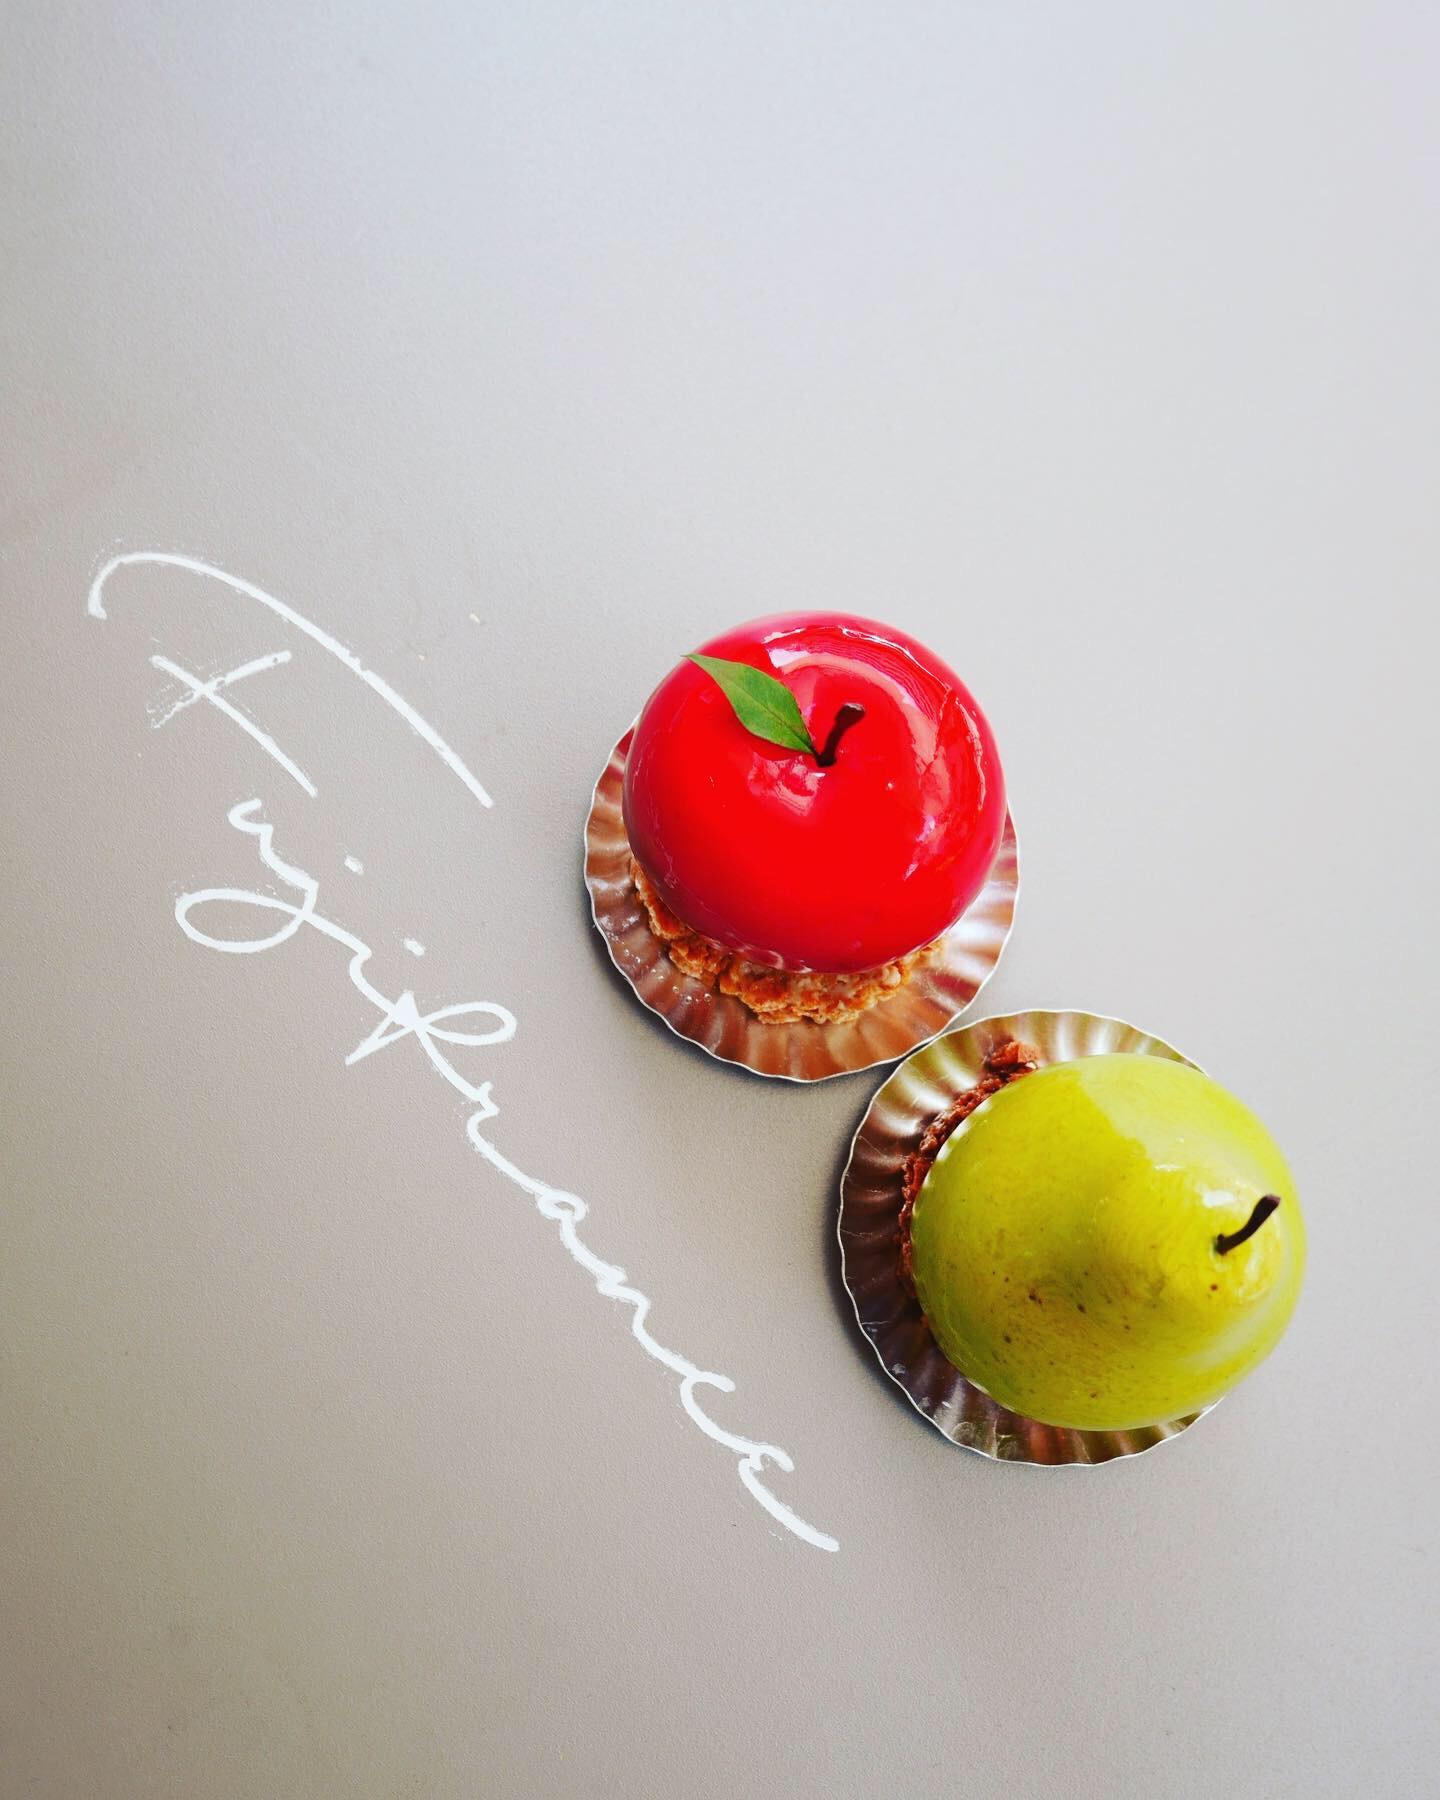 【大阪】≪フジフランス≫くだもののケーキがフォトジェニックでとっても美味しいんです!_1